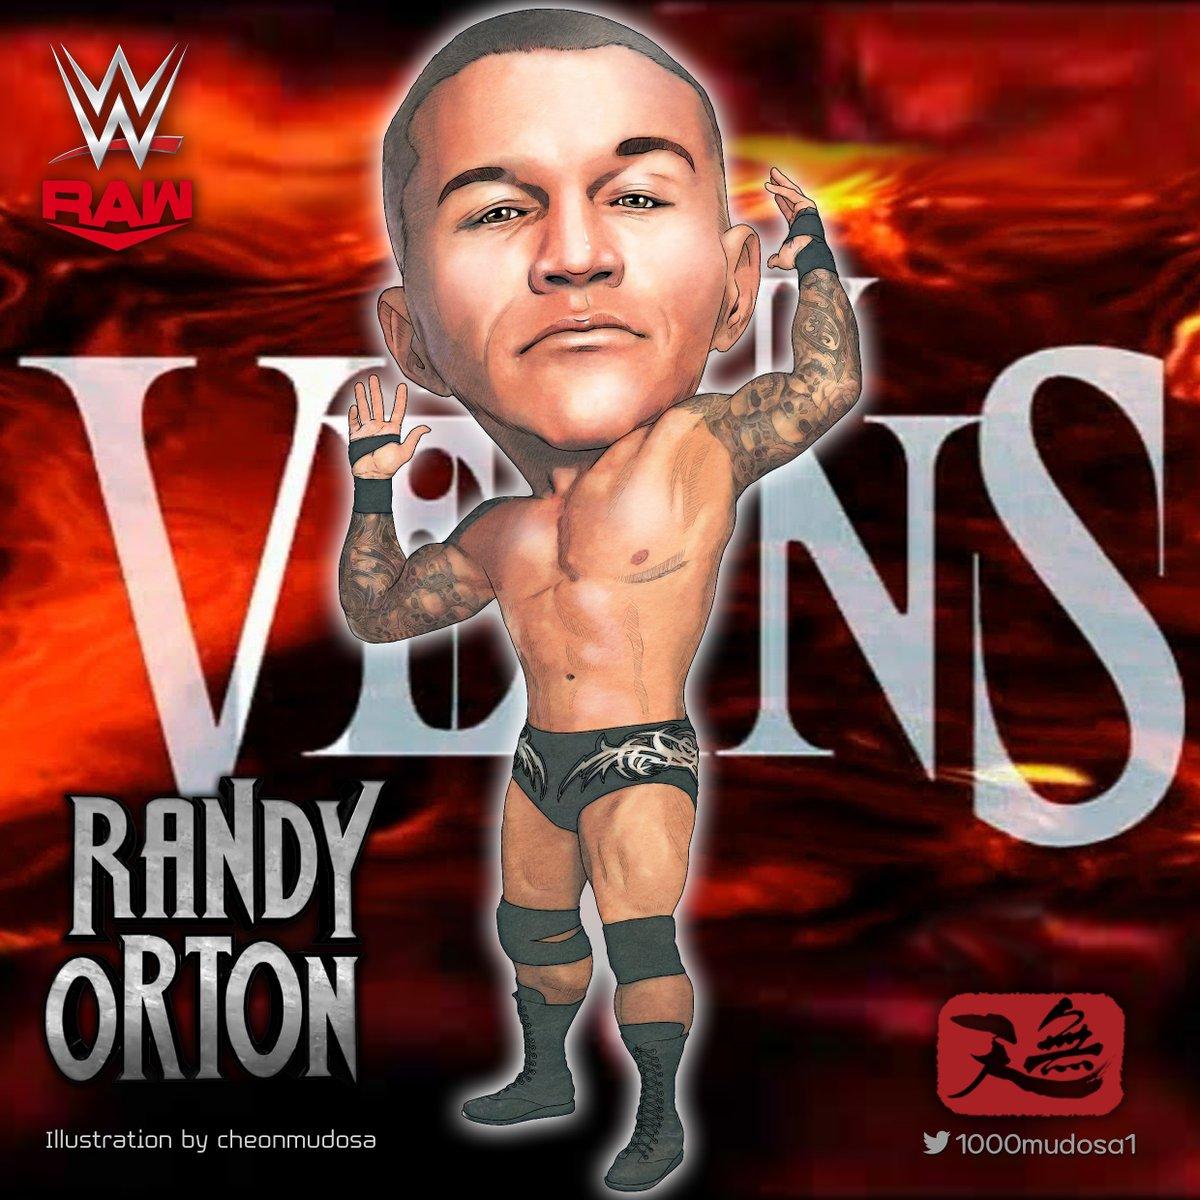 크래쉬 오브 챔피언에서 업보여행을 경험한 랜디오턴 그래도 이만한 레슬러가 또 어딨냐~  @RandyOrton #랜디오턴 #RANDYORTON #RKO #LegendKiller #TheViper #ApexPredator #MrRKO #Raw #WWE #WWERaw #mondaynightraw #mondaynight #WWEClash #WWEClashofChampions #ClashofChampions https://t.co/JgQ6R1OpOq